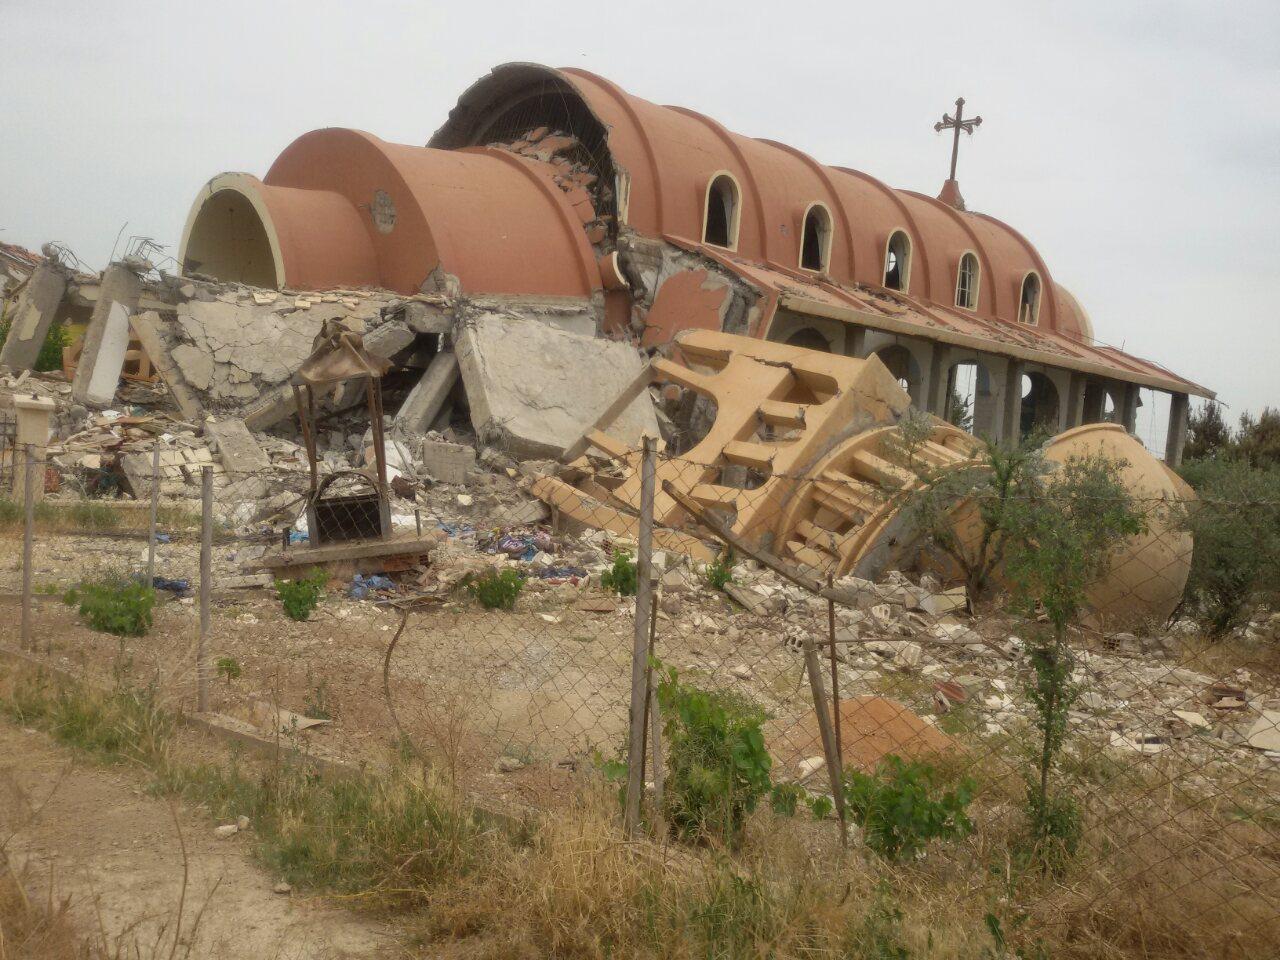 Iglesia Destruida en Siria